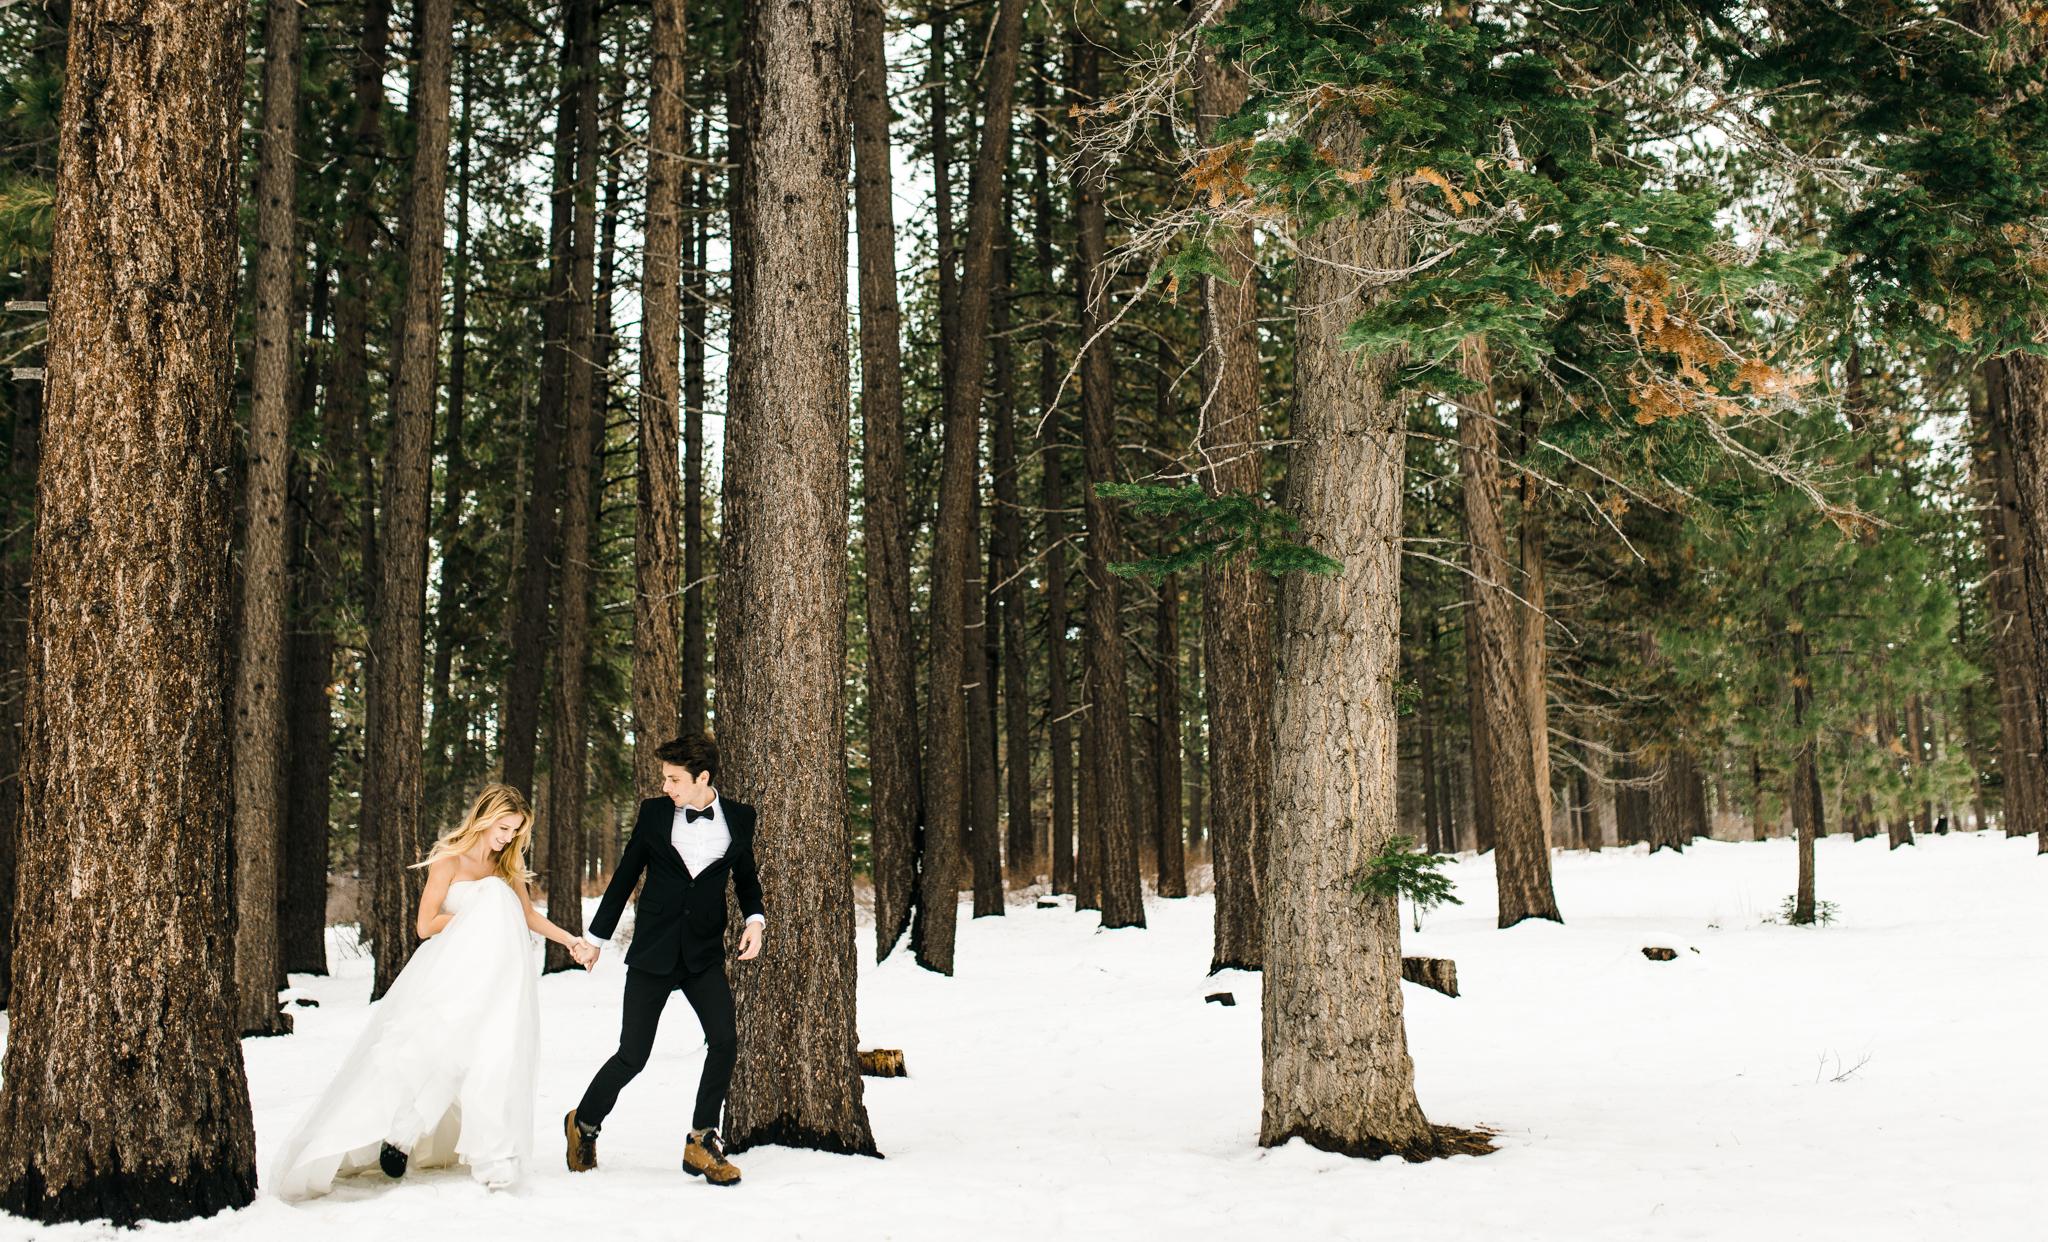 ©Isaiah & Taylor Photography - Ben & Kadin Honeymoon-032.jpg